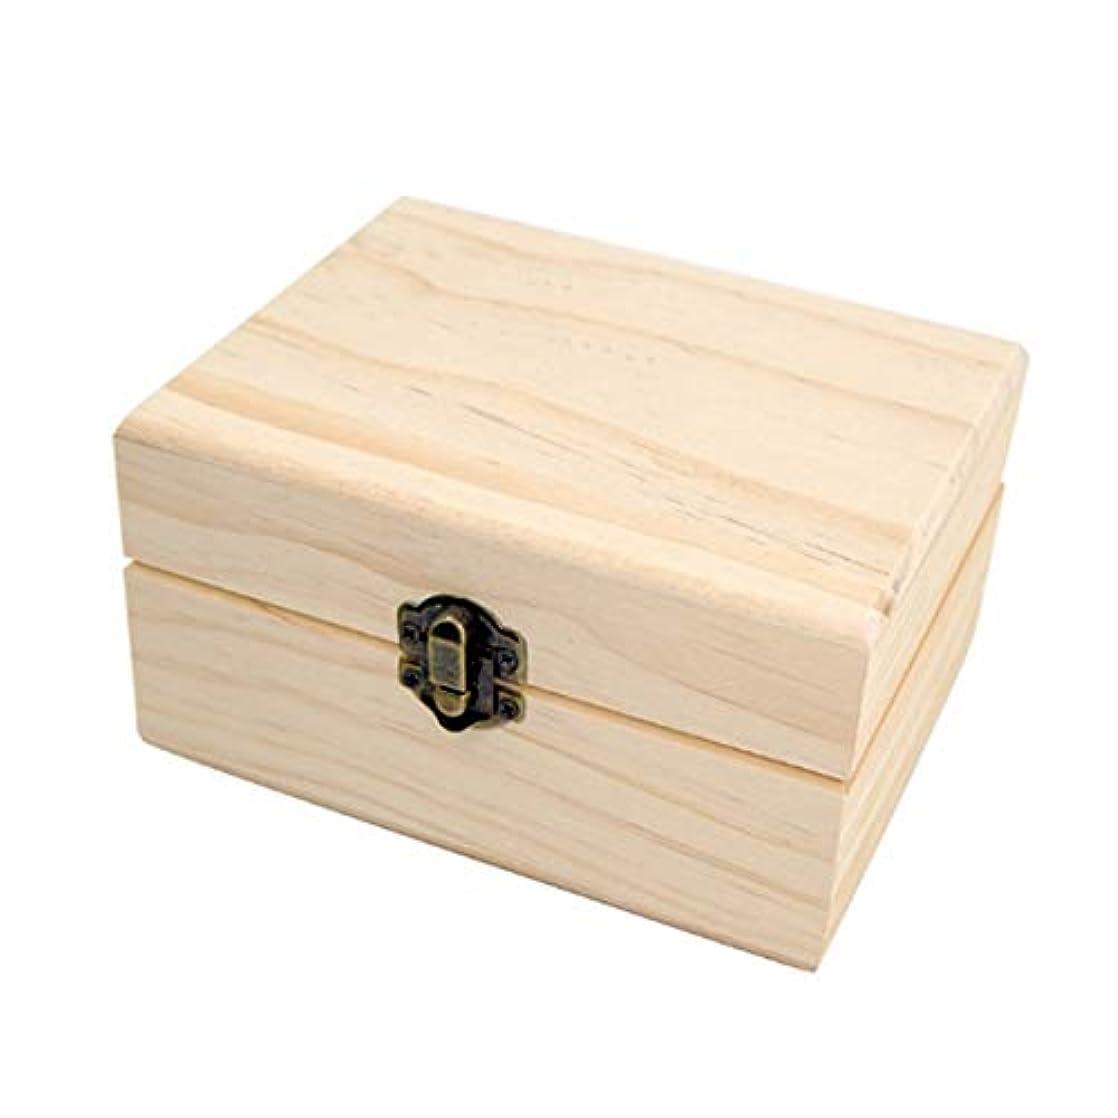 加害者宅配便ベースフェリモア エッセンシャルオイル 収納ボックス ボトル用 松 木製 格子状 倒れにくい 12マス (ブラウン)